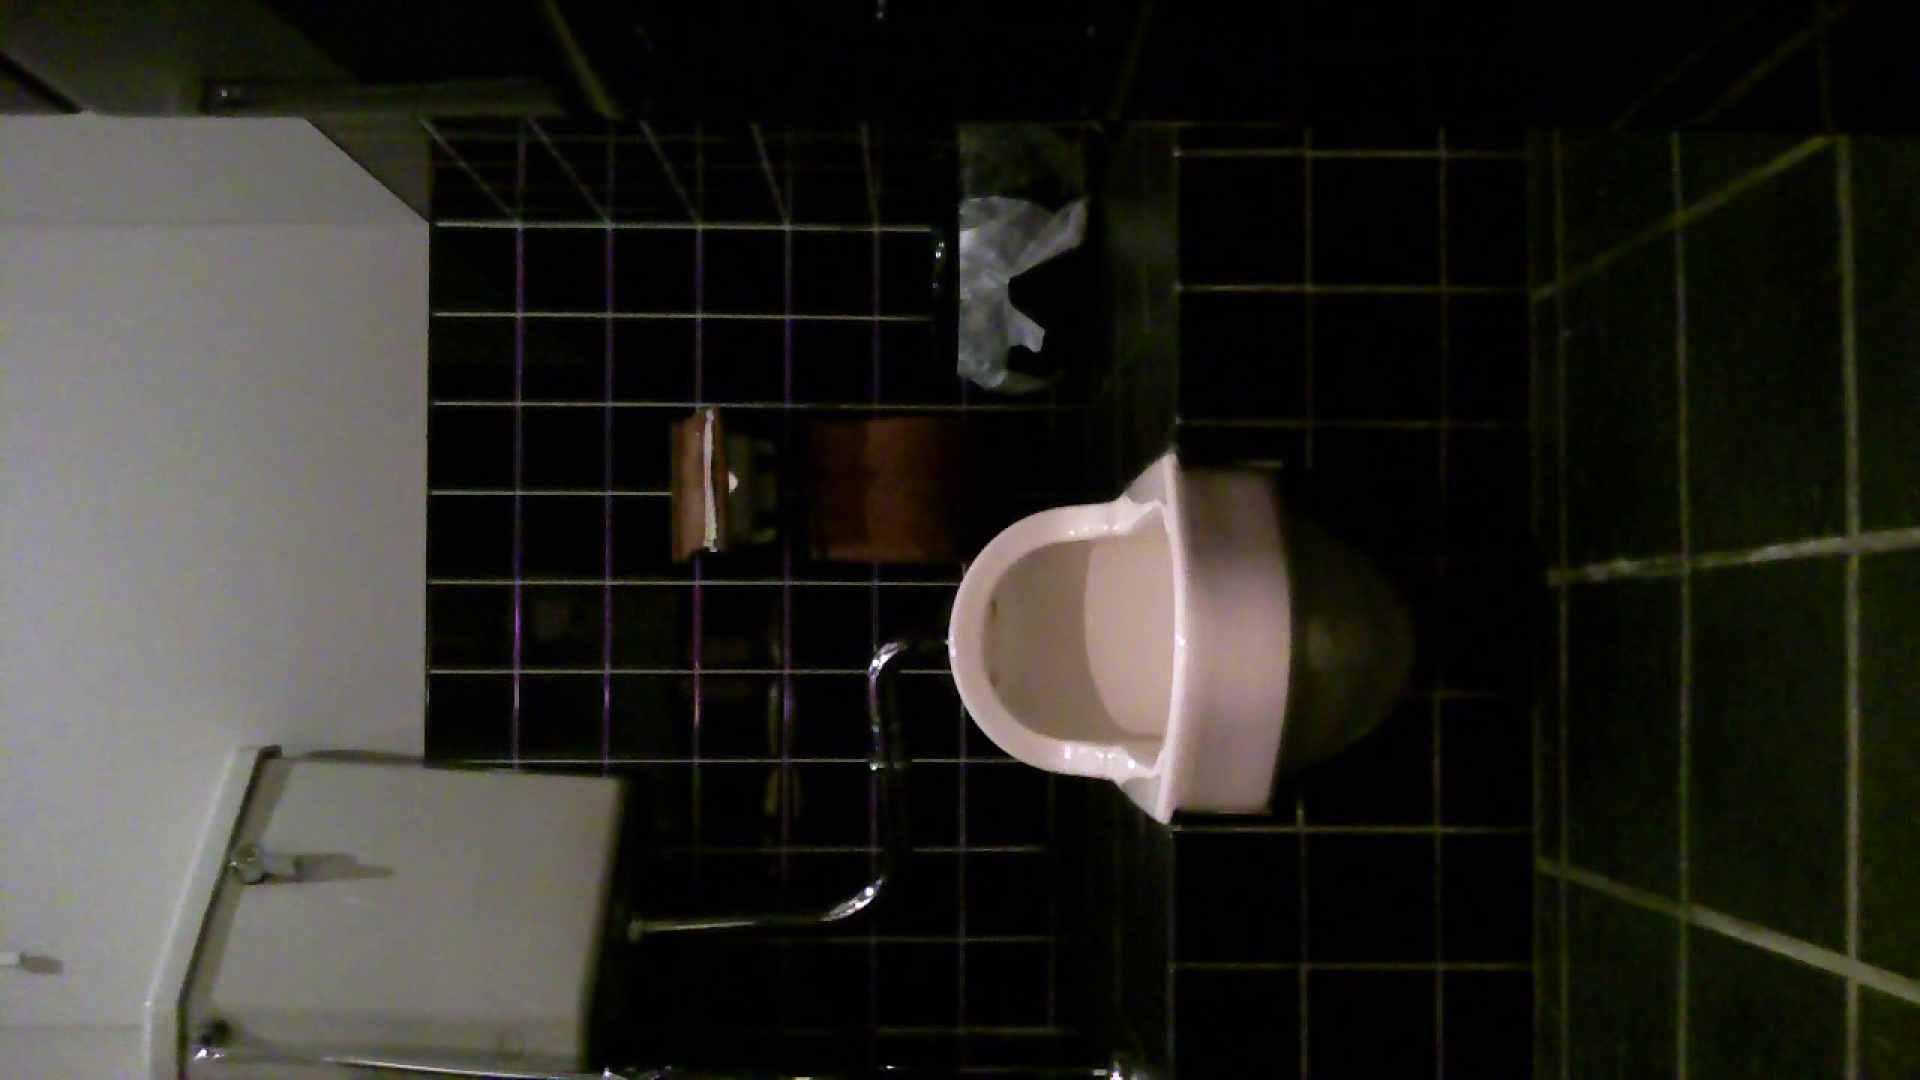 美女の集まる飲み屋洗面所 vol.02 美女エロ画像 | キャバ嬢エロ画像  99PICs 21